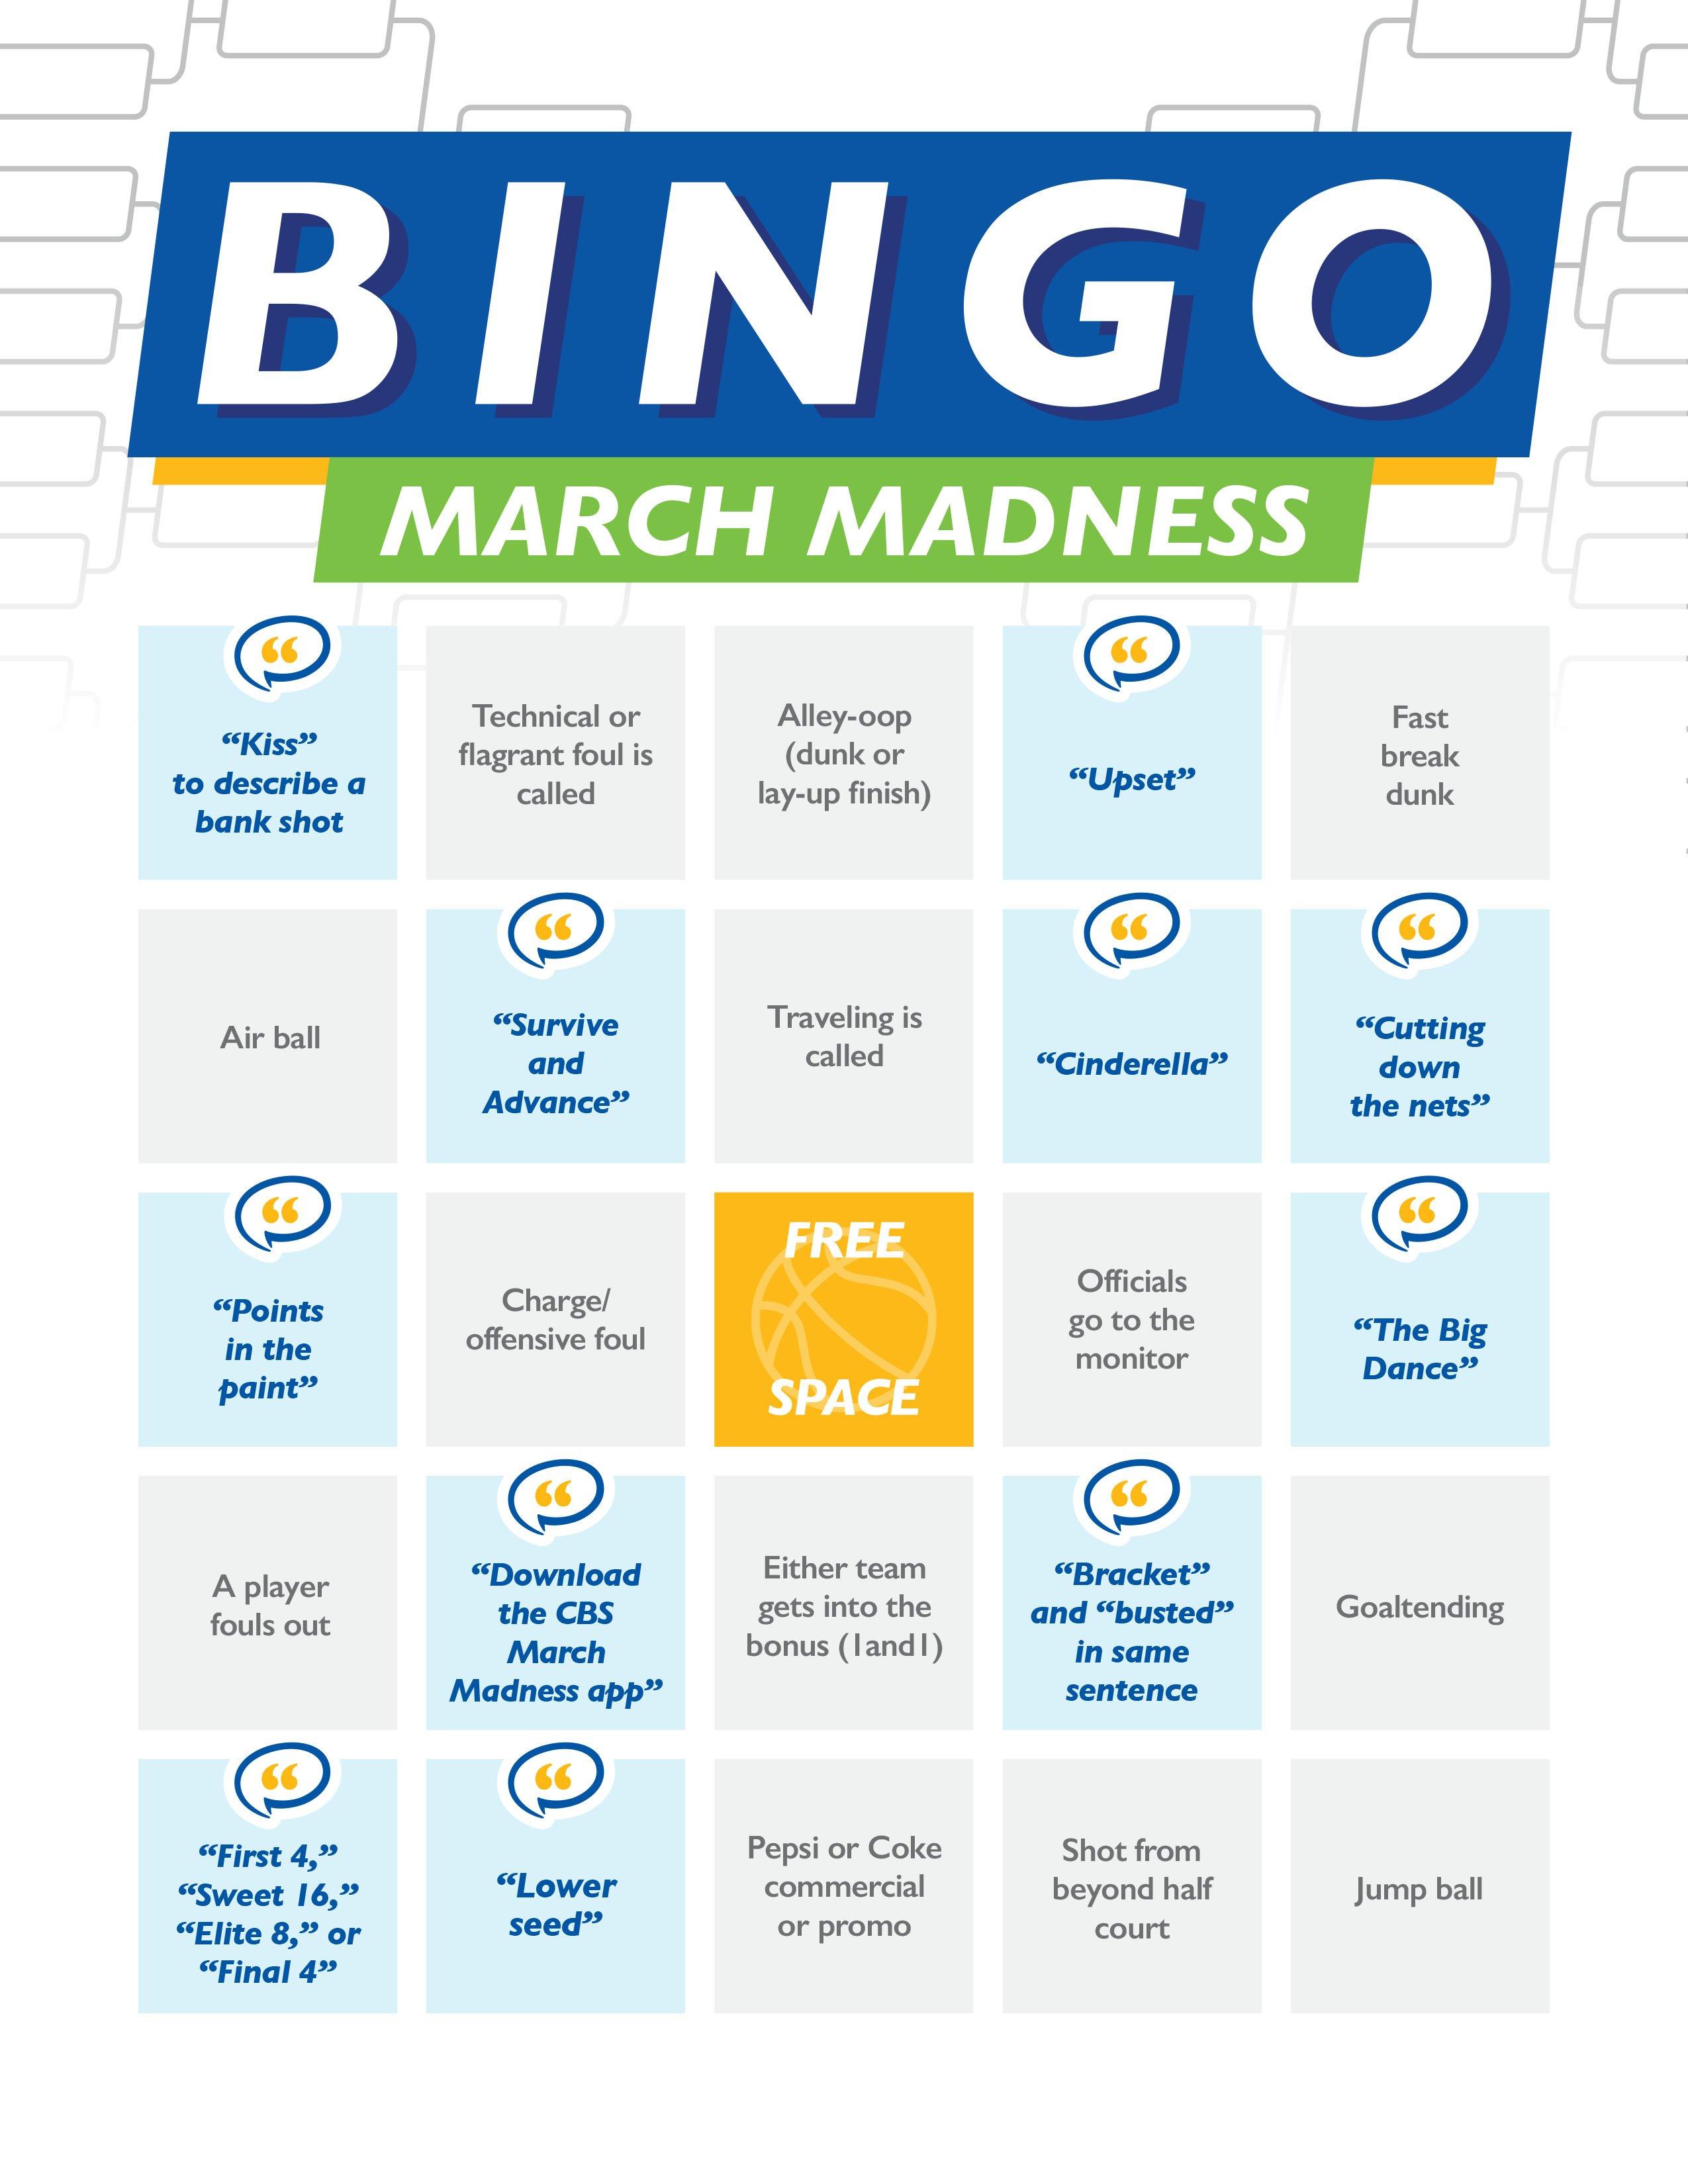 ImOn March Madness Bingo Card 2020